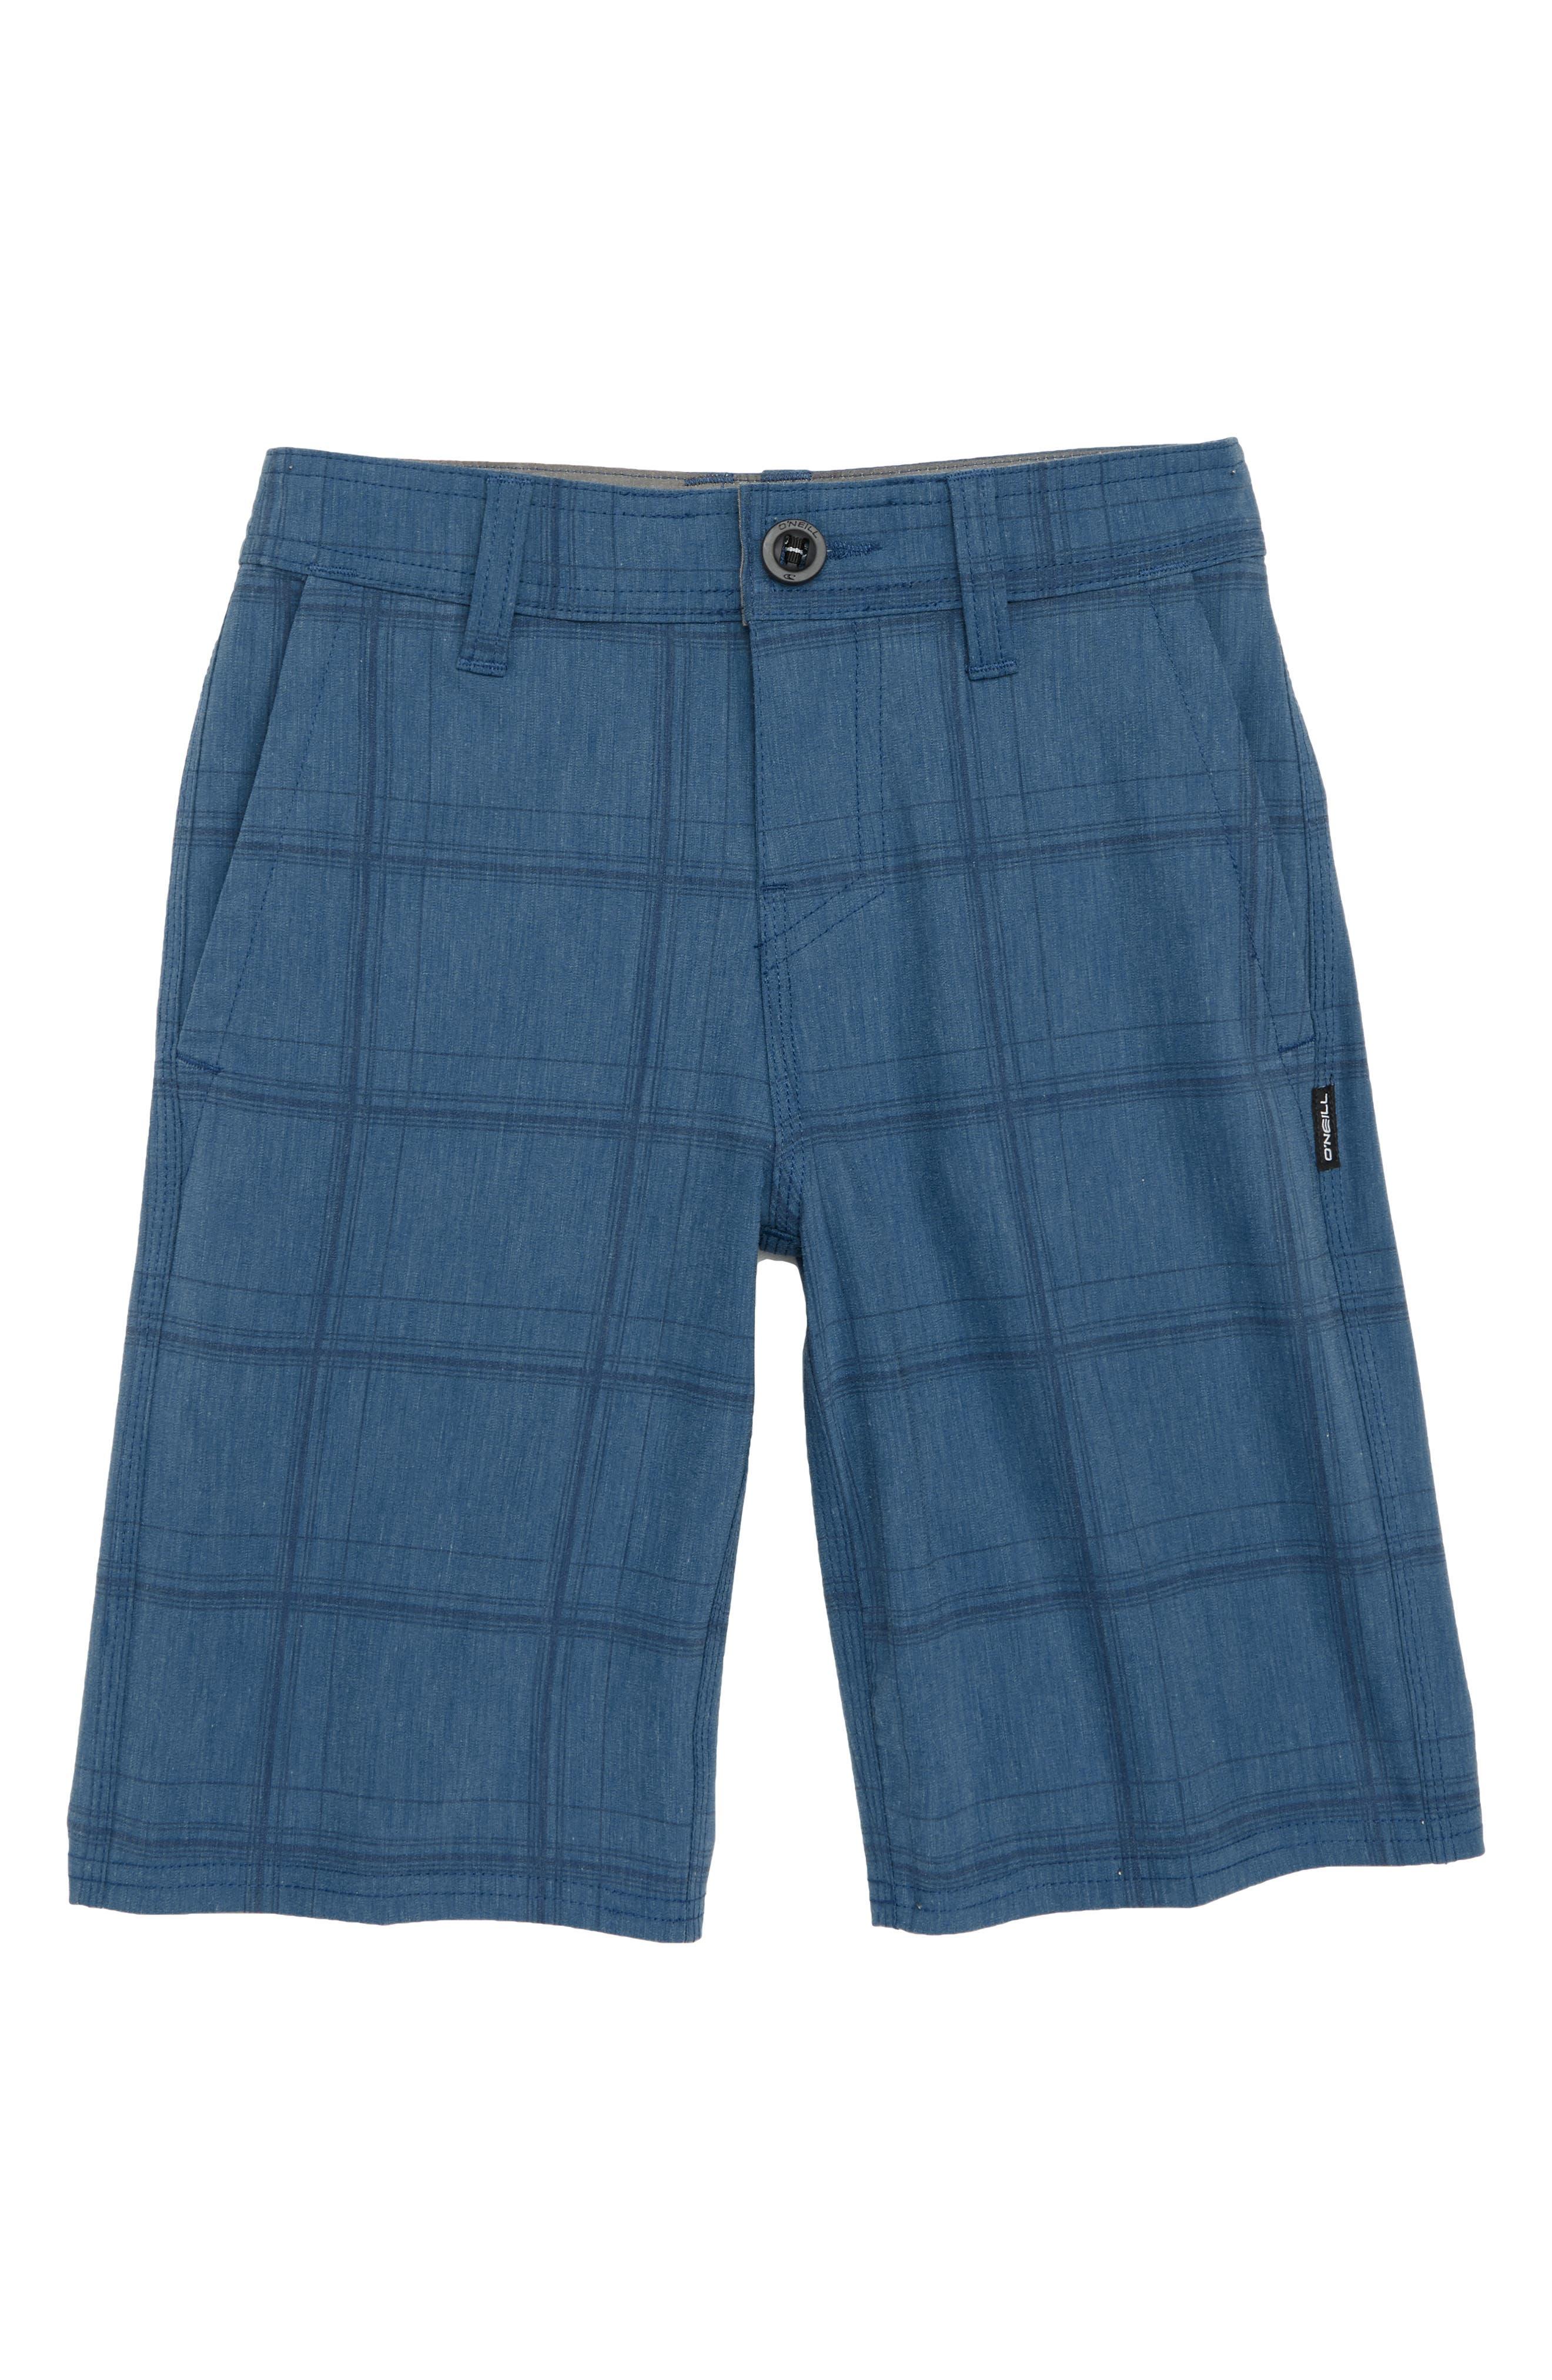 Mixed Hybrid Shorts,                             Main thumbnail 1, color,                             Dark Blue